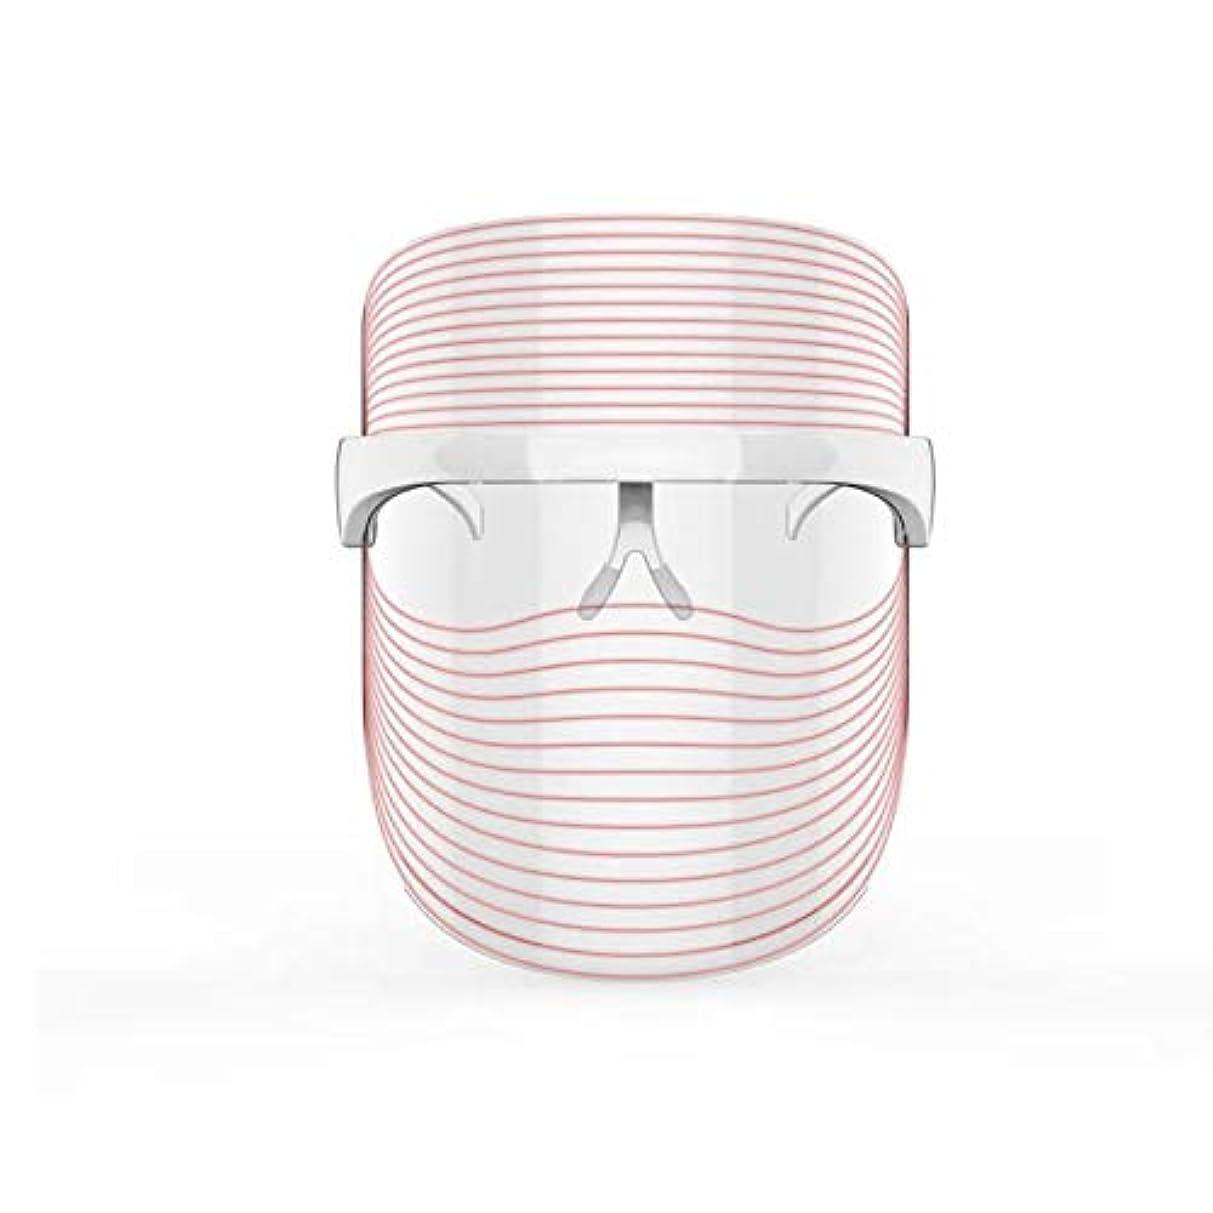 終了するれる特に3色LEDマスクフェイス&ネックネオン白熱LEDフェイスマスク電動フェイシャルスキンケアフェイススキンビューティー